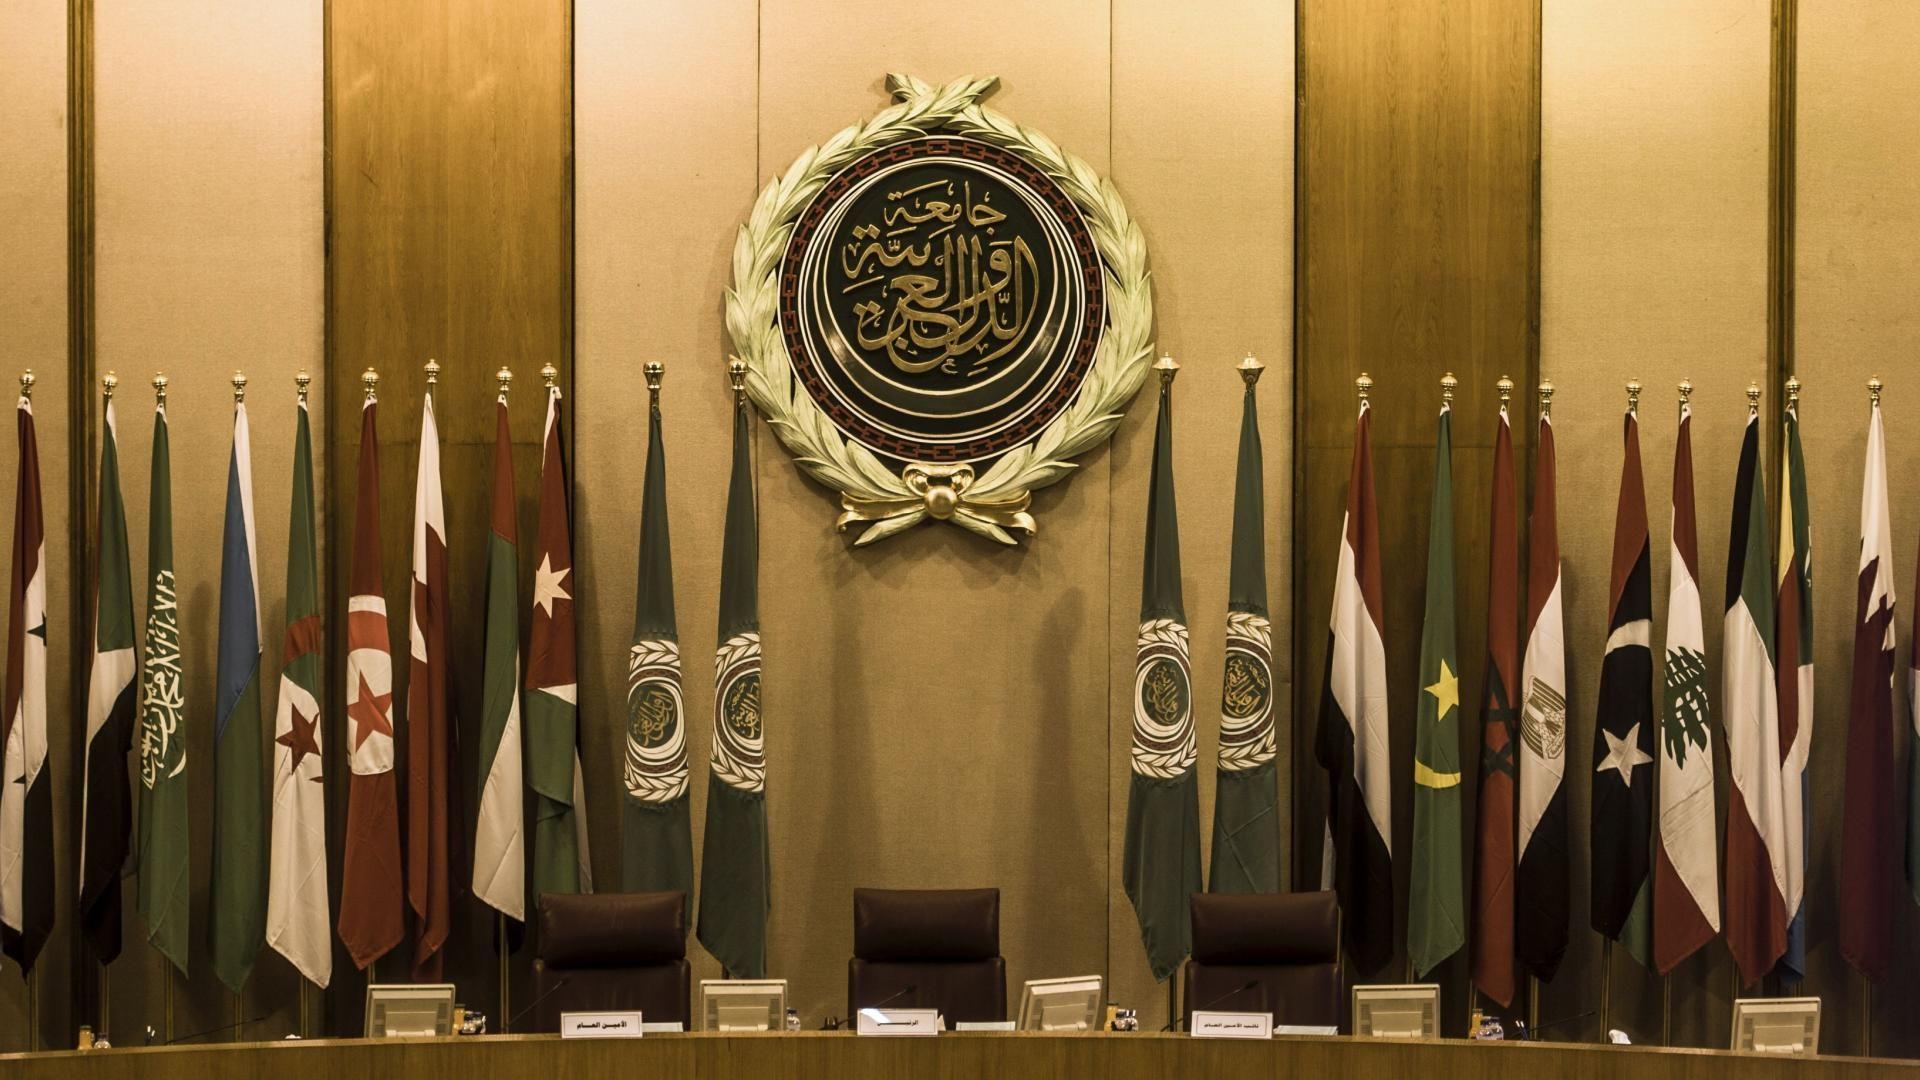 الجامعة العربية عن قضية خاشقجي مقابلة تركيا لإجراءات السعودية الجدية مهم Candles Arab News